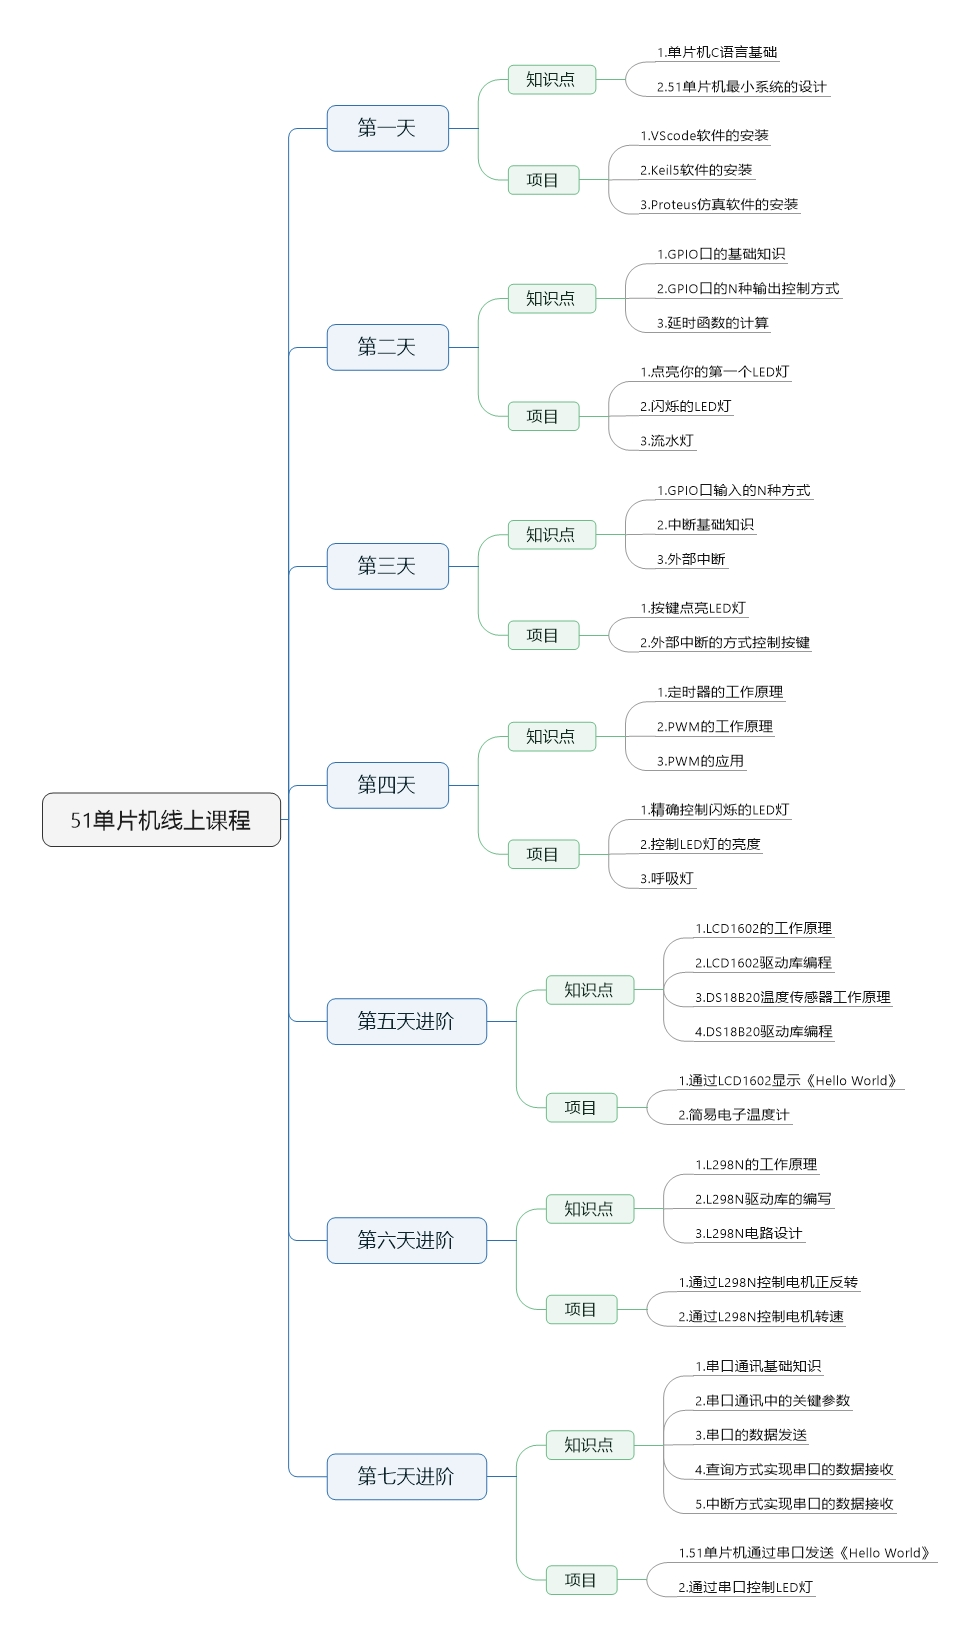 51单片机线上课程 (2).jpeg